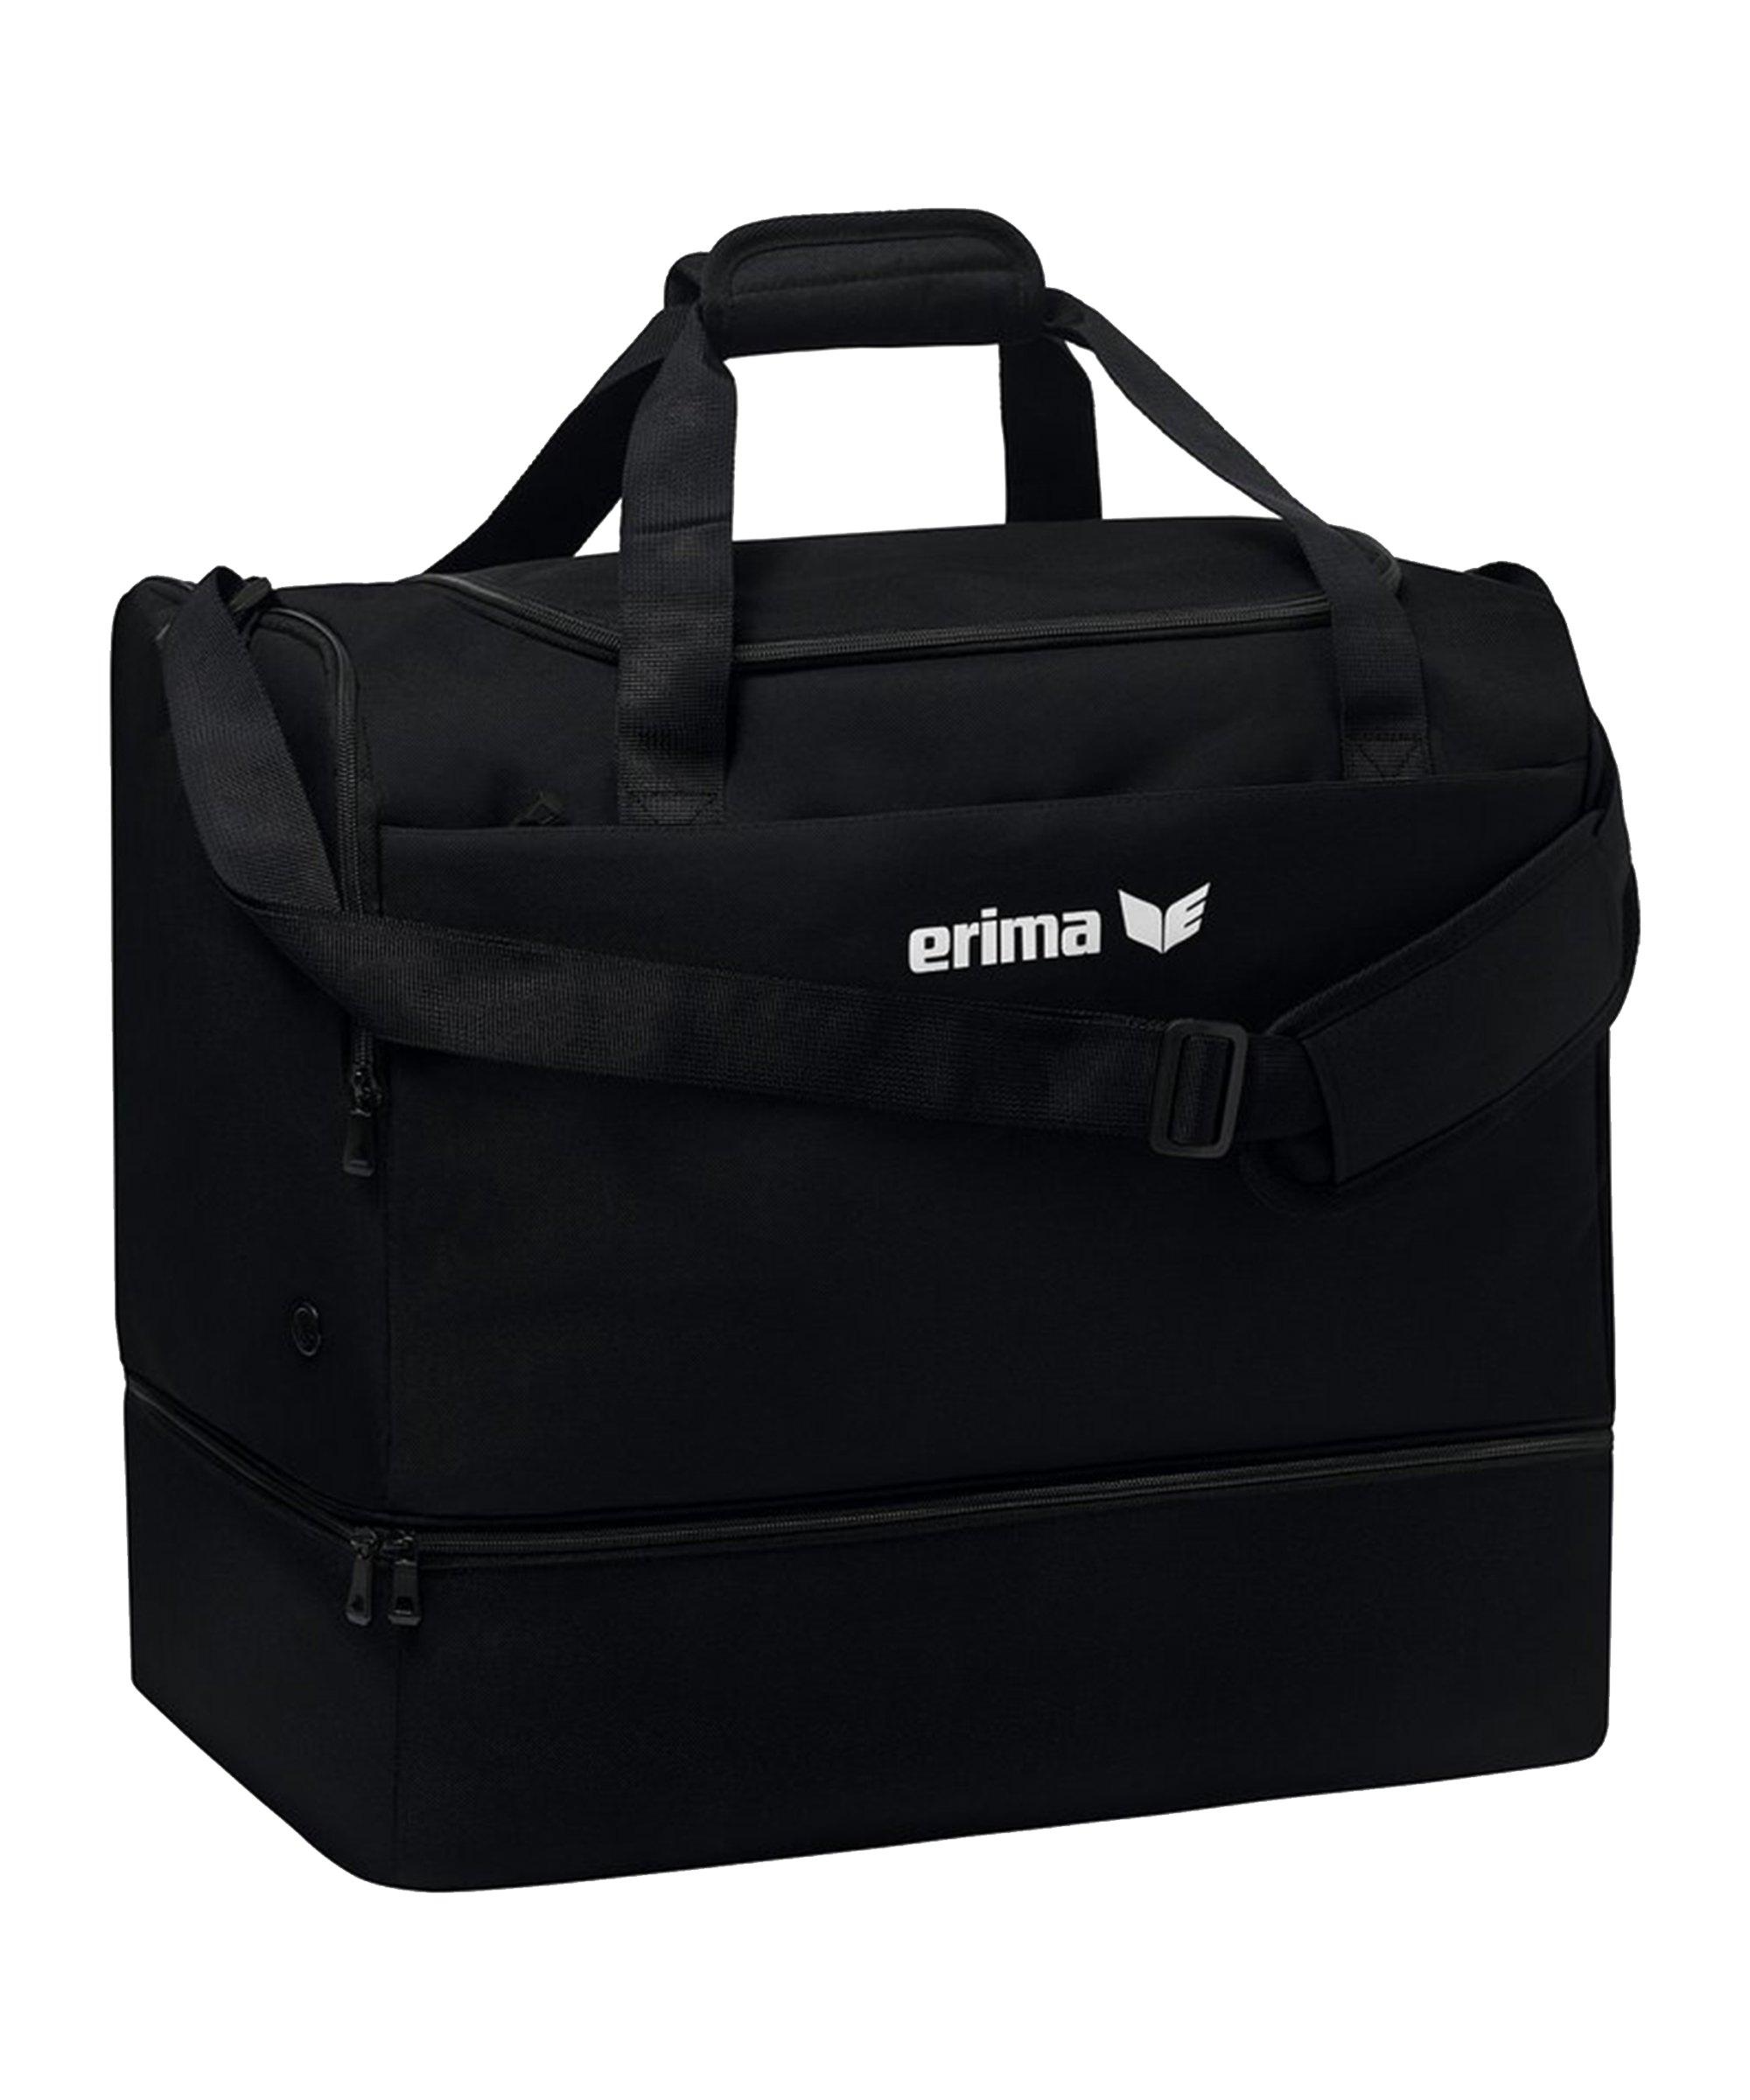 Erima TEAM Sporttasche Gr.L Schwarz - schwarz